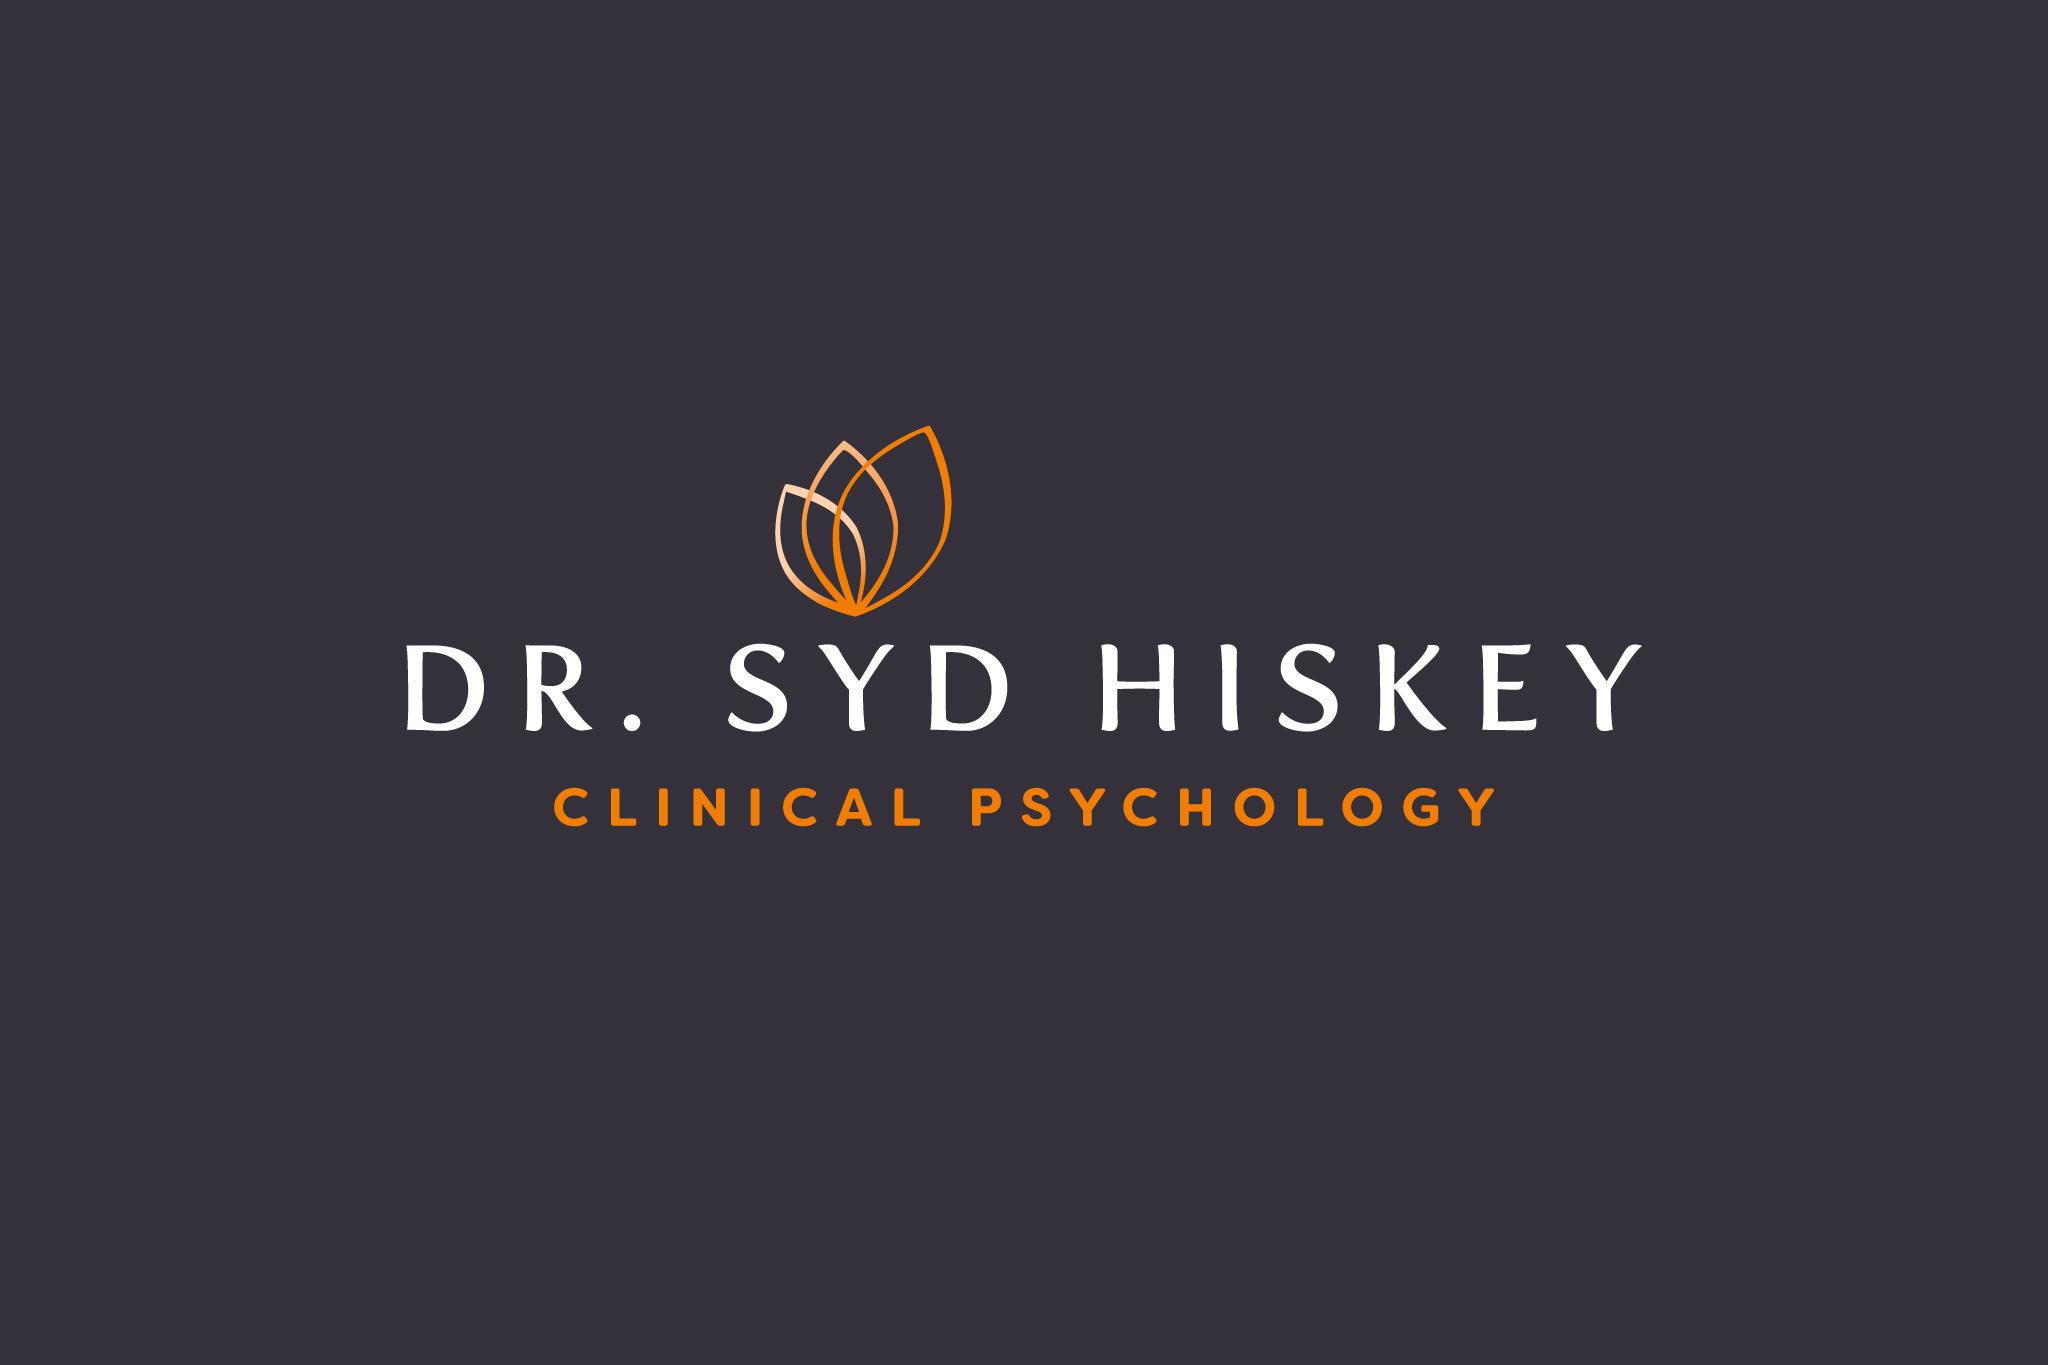 Logo Design for Dr Syd Hiskey.